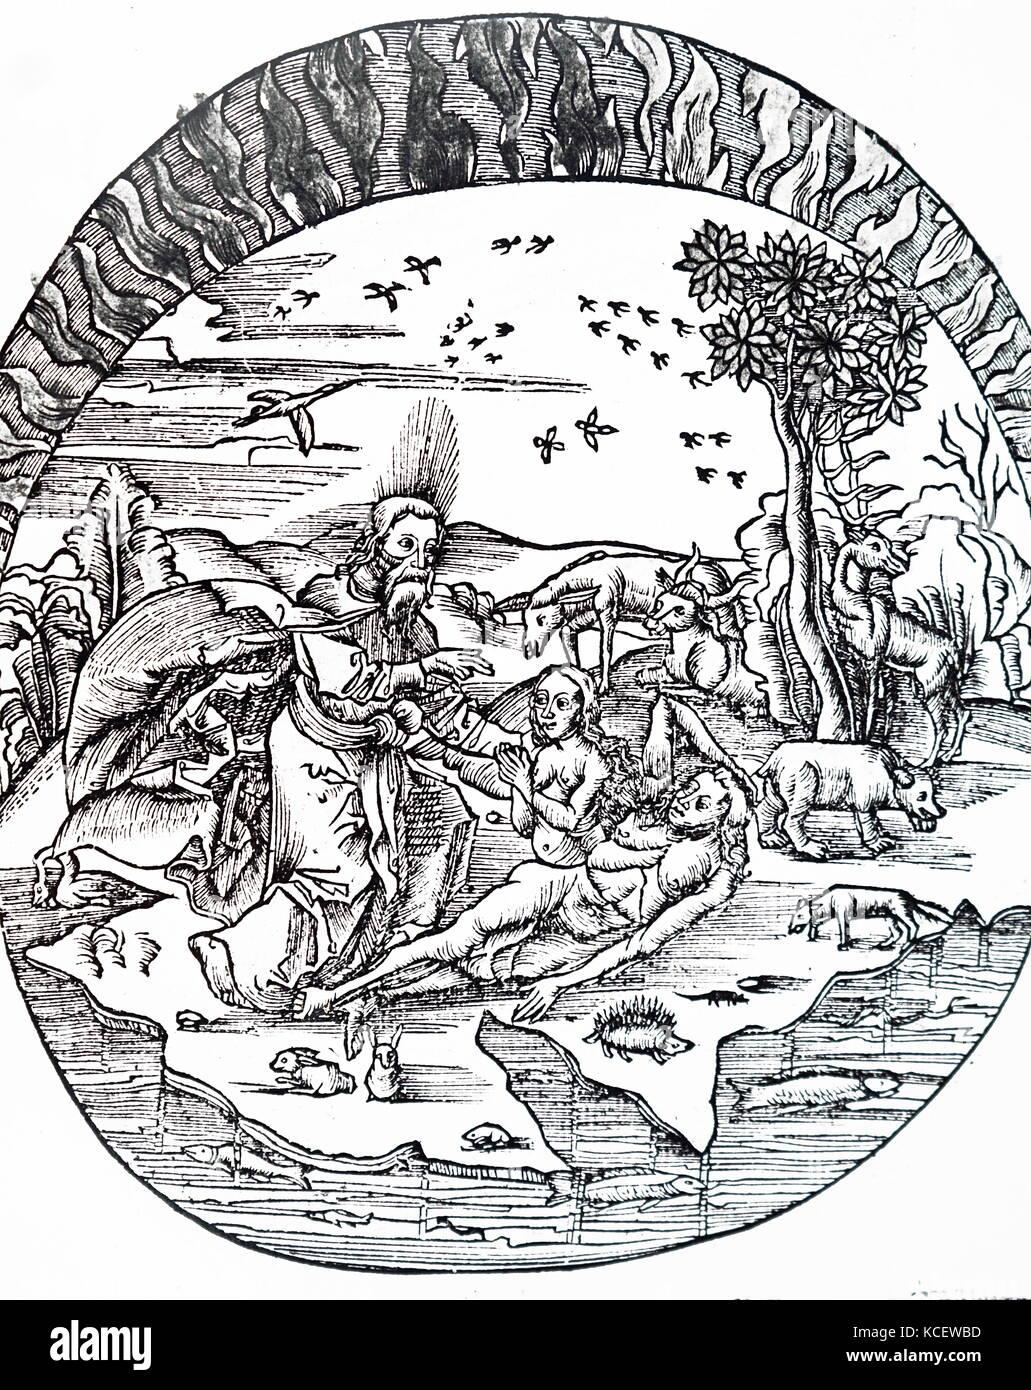 """Abbildung: Darstellung von Thales von Milet"""" Konzept der flachen Erde schweben über Wasser. Thales von Stockbild"""